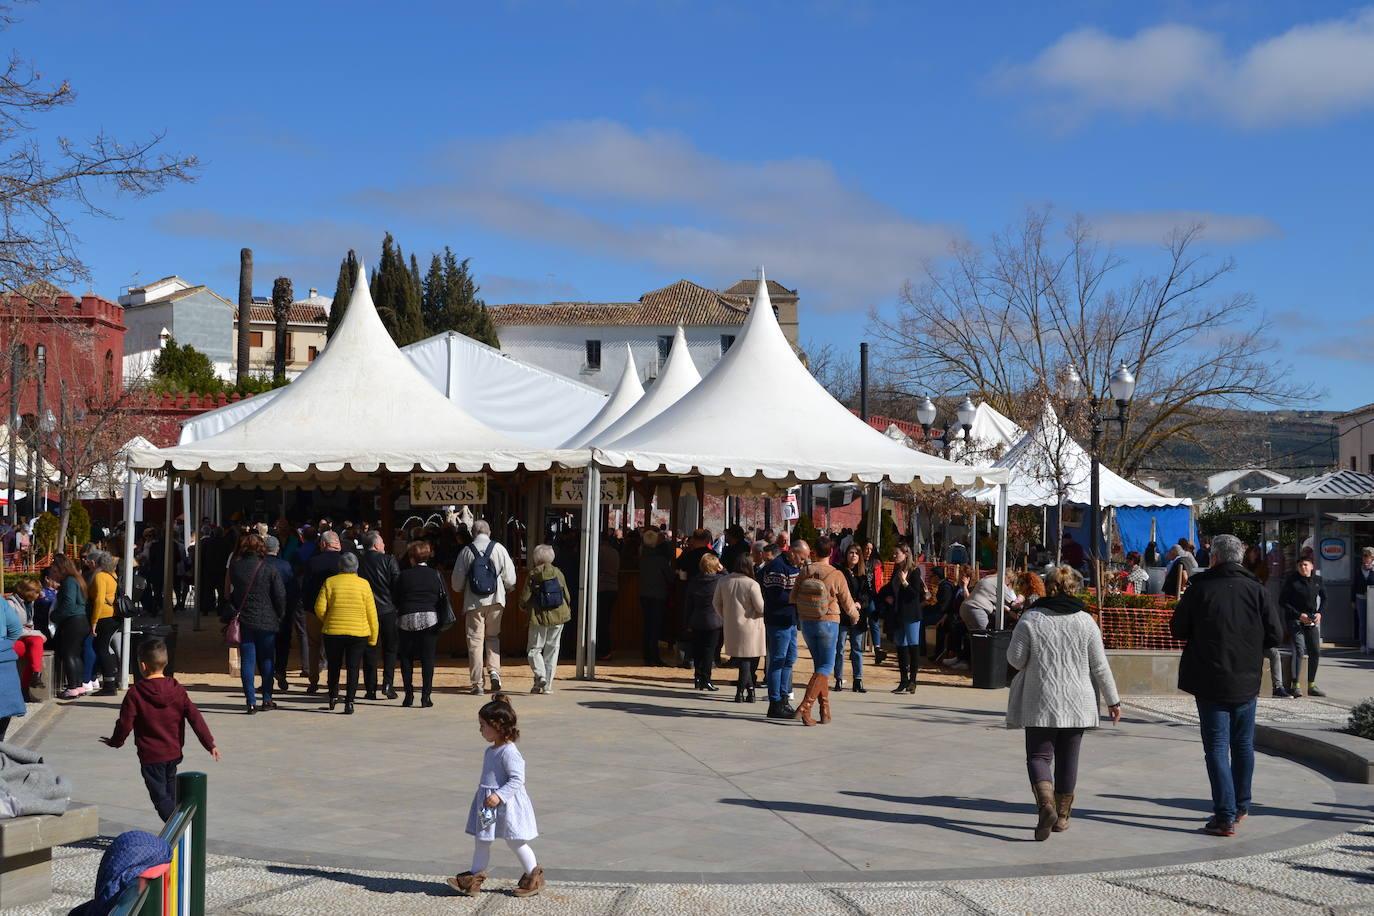 Fotos La Octava Fiesta Del Vino De Alhama De Granada En Imágenes Ideal